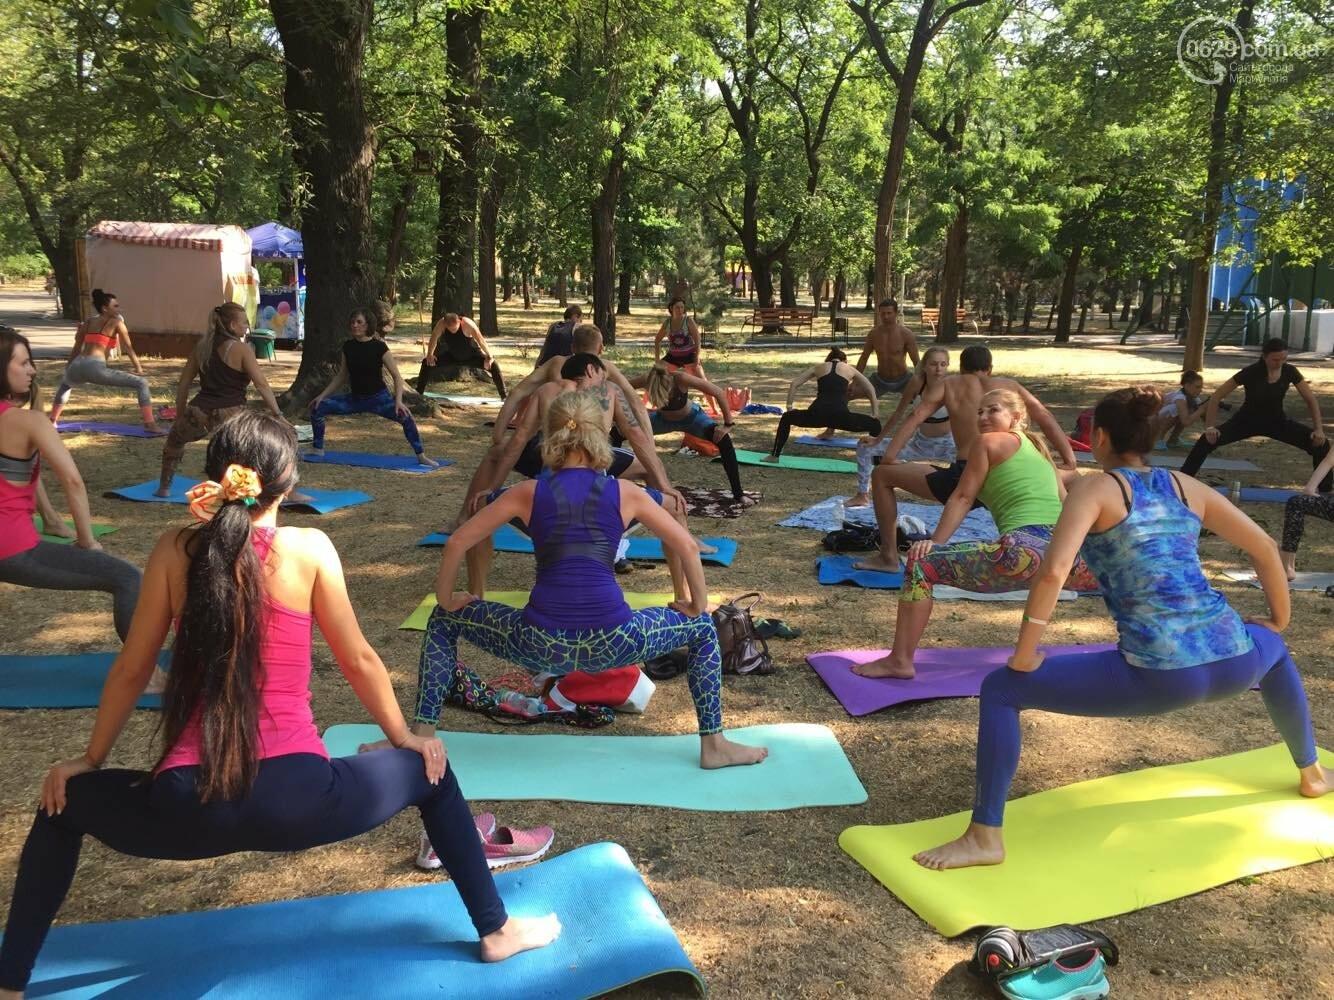 В Мариуполе отпраздновали Международный День йоги, - ФОТО, ВИДЕО, фото-3